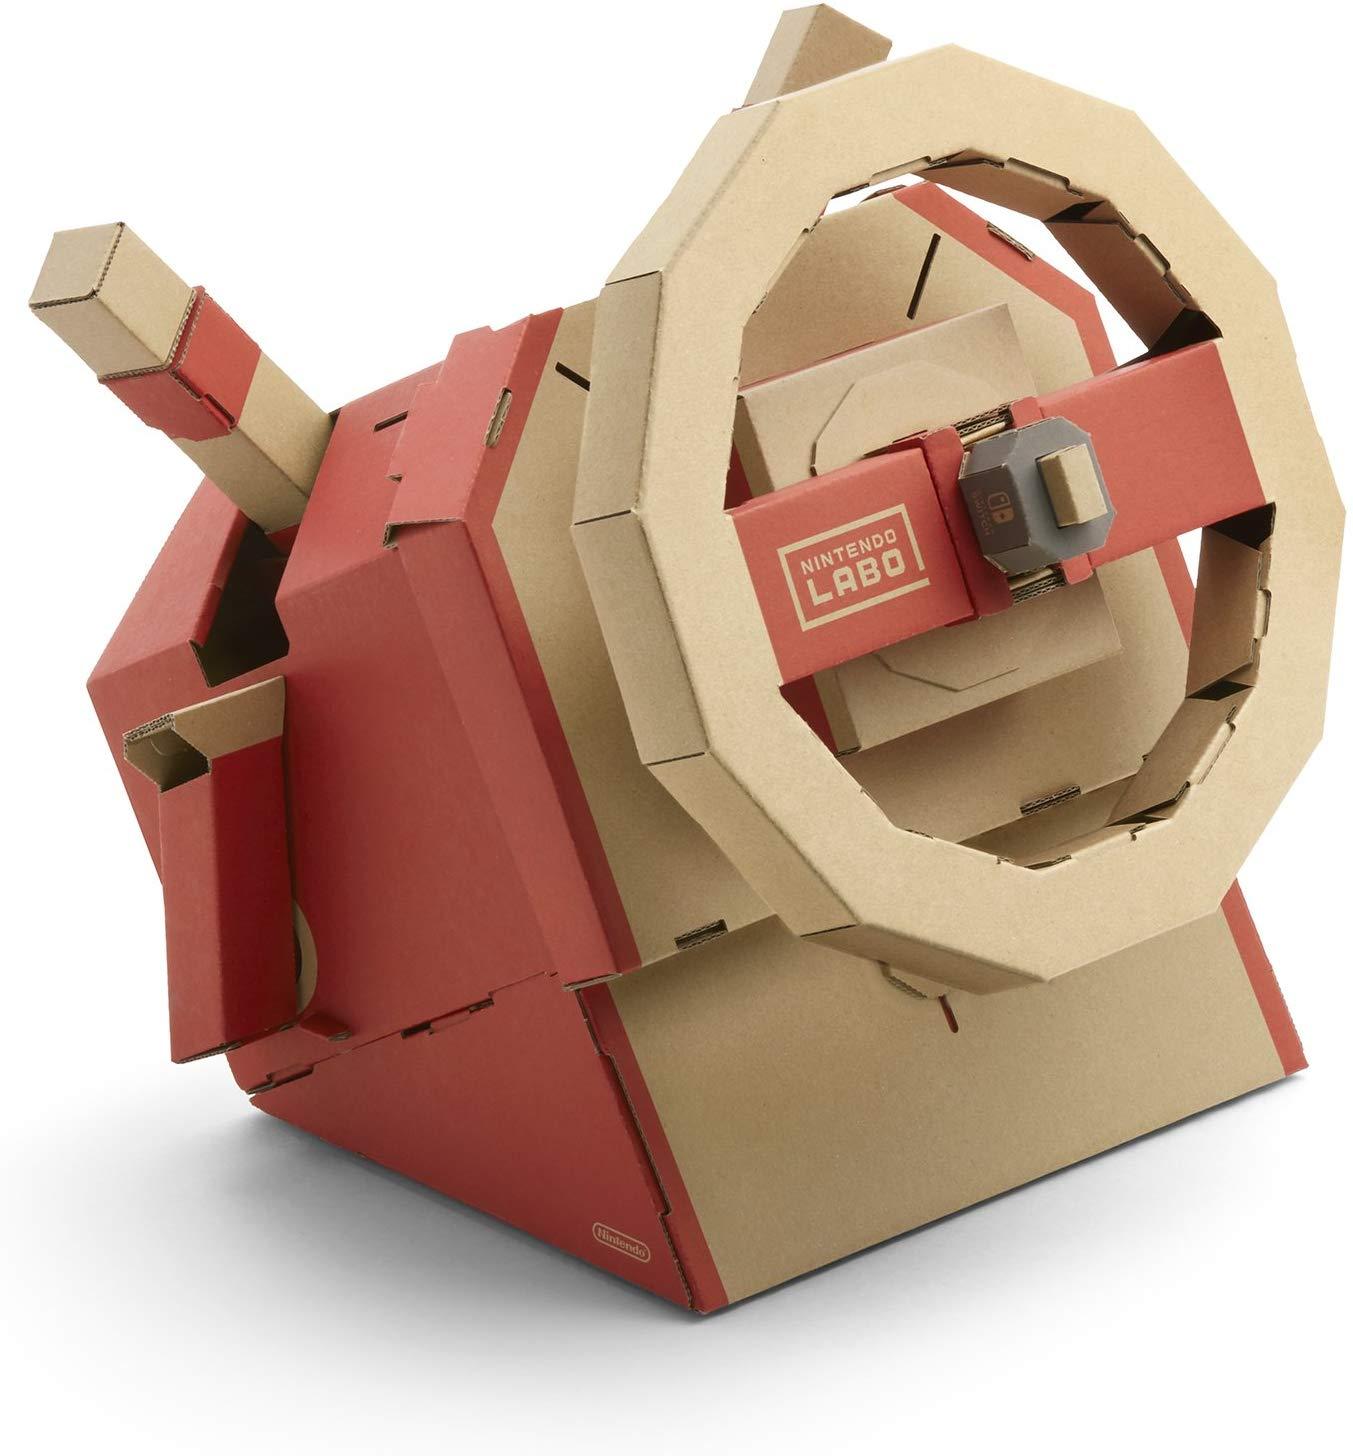 Labo Vehicle Kit image